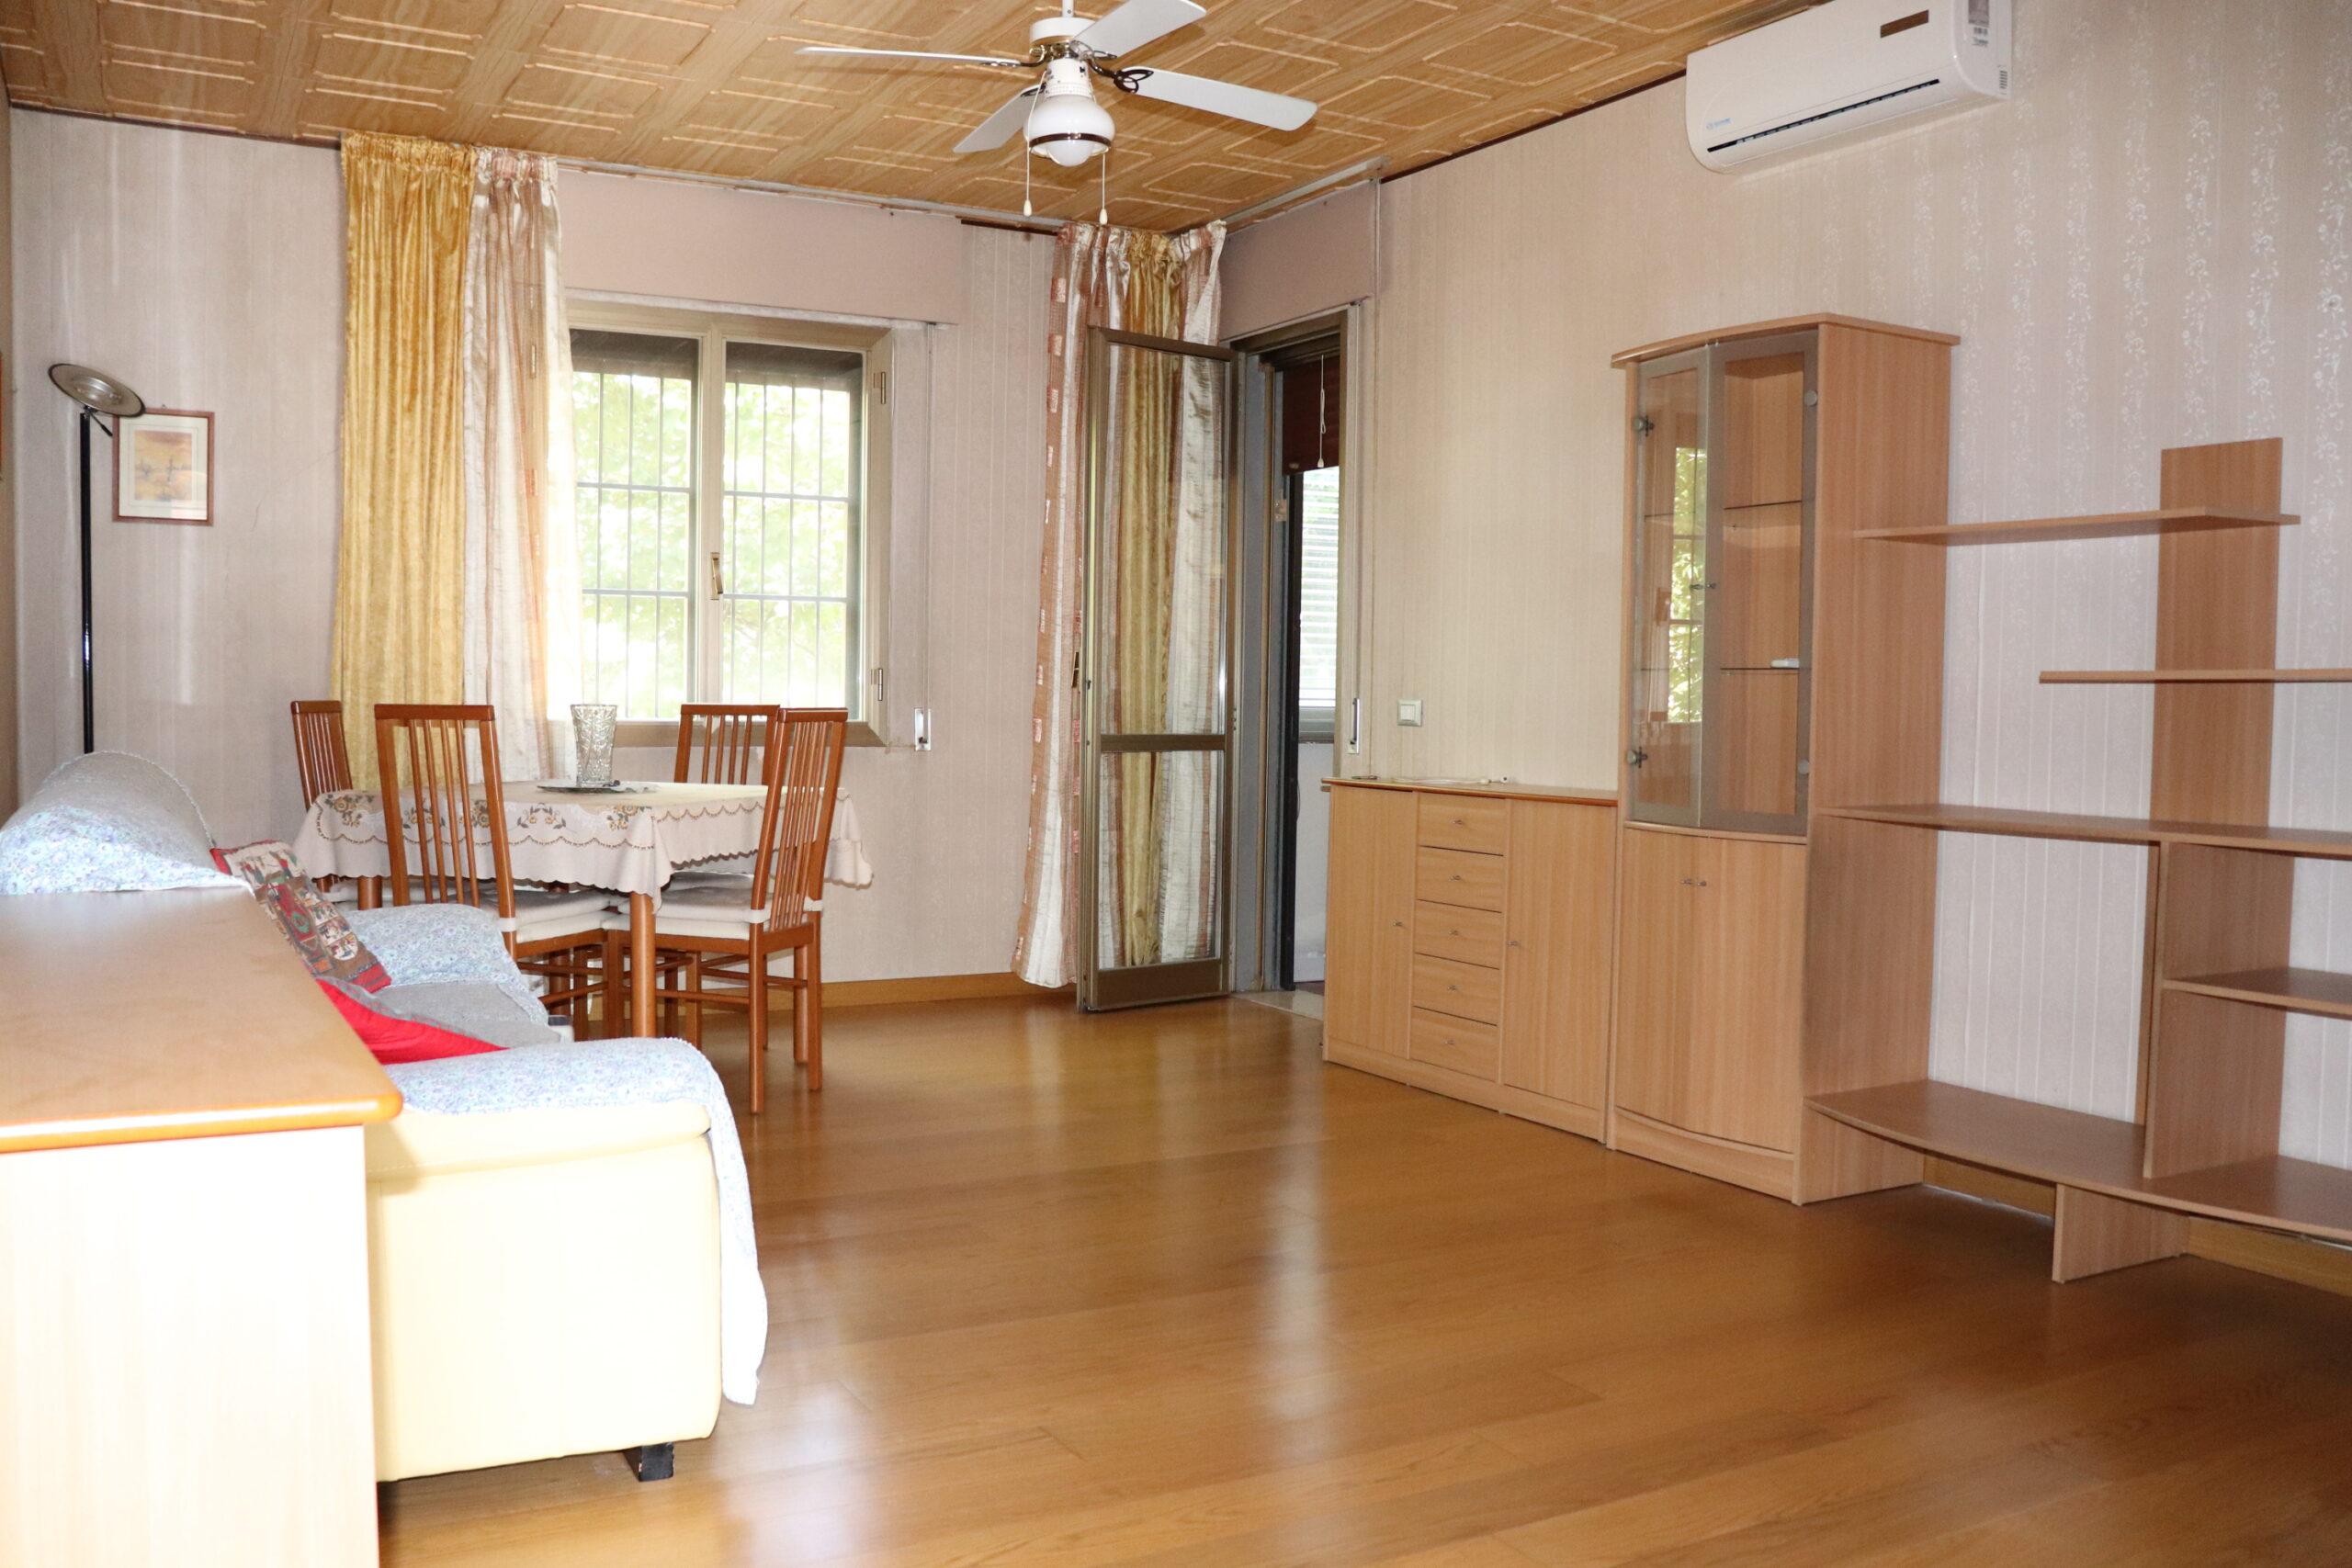 Appartamento con 2 camere in vendita a Castenaso